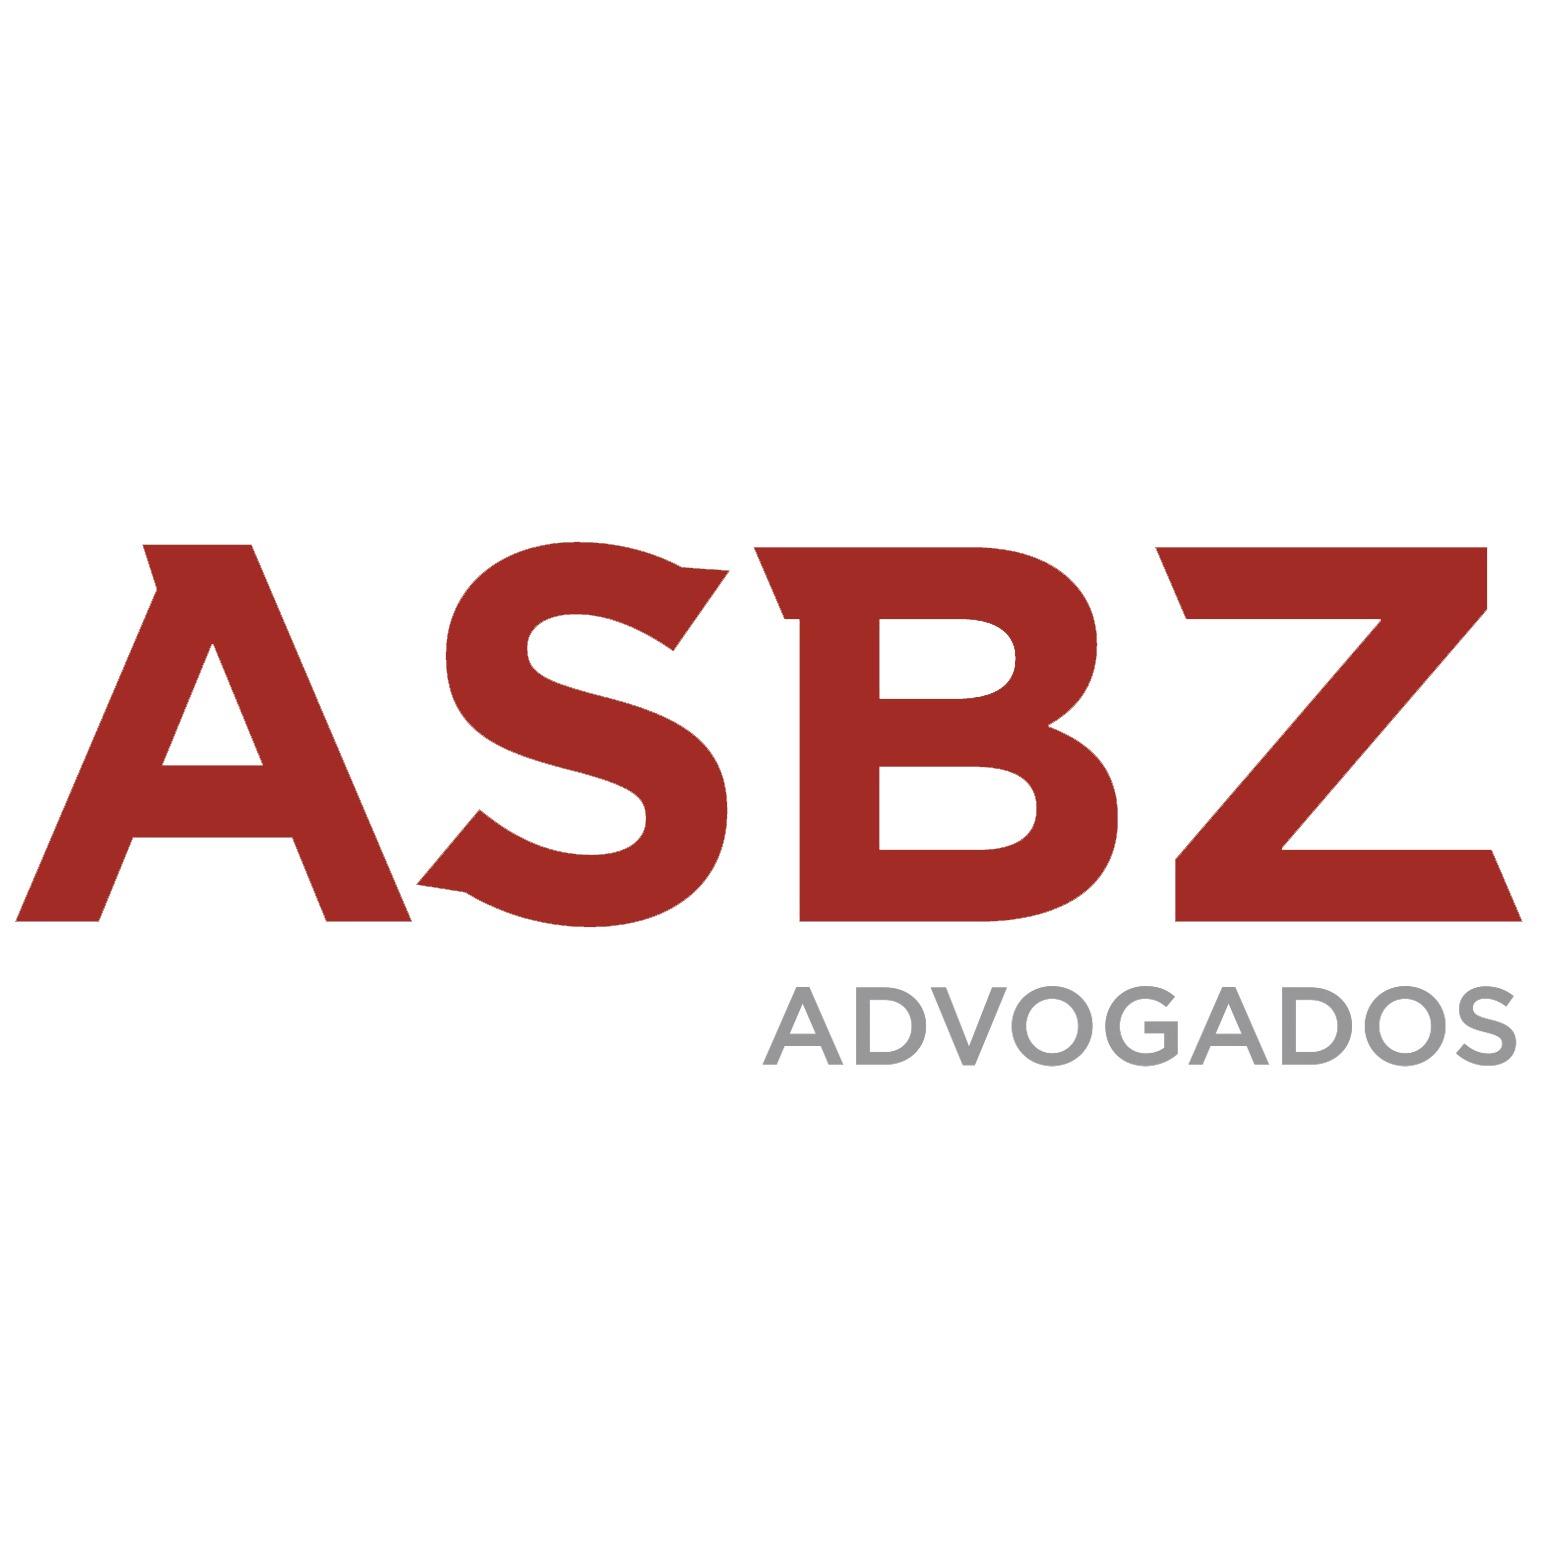 the ASBZ Advogados logo.